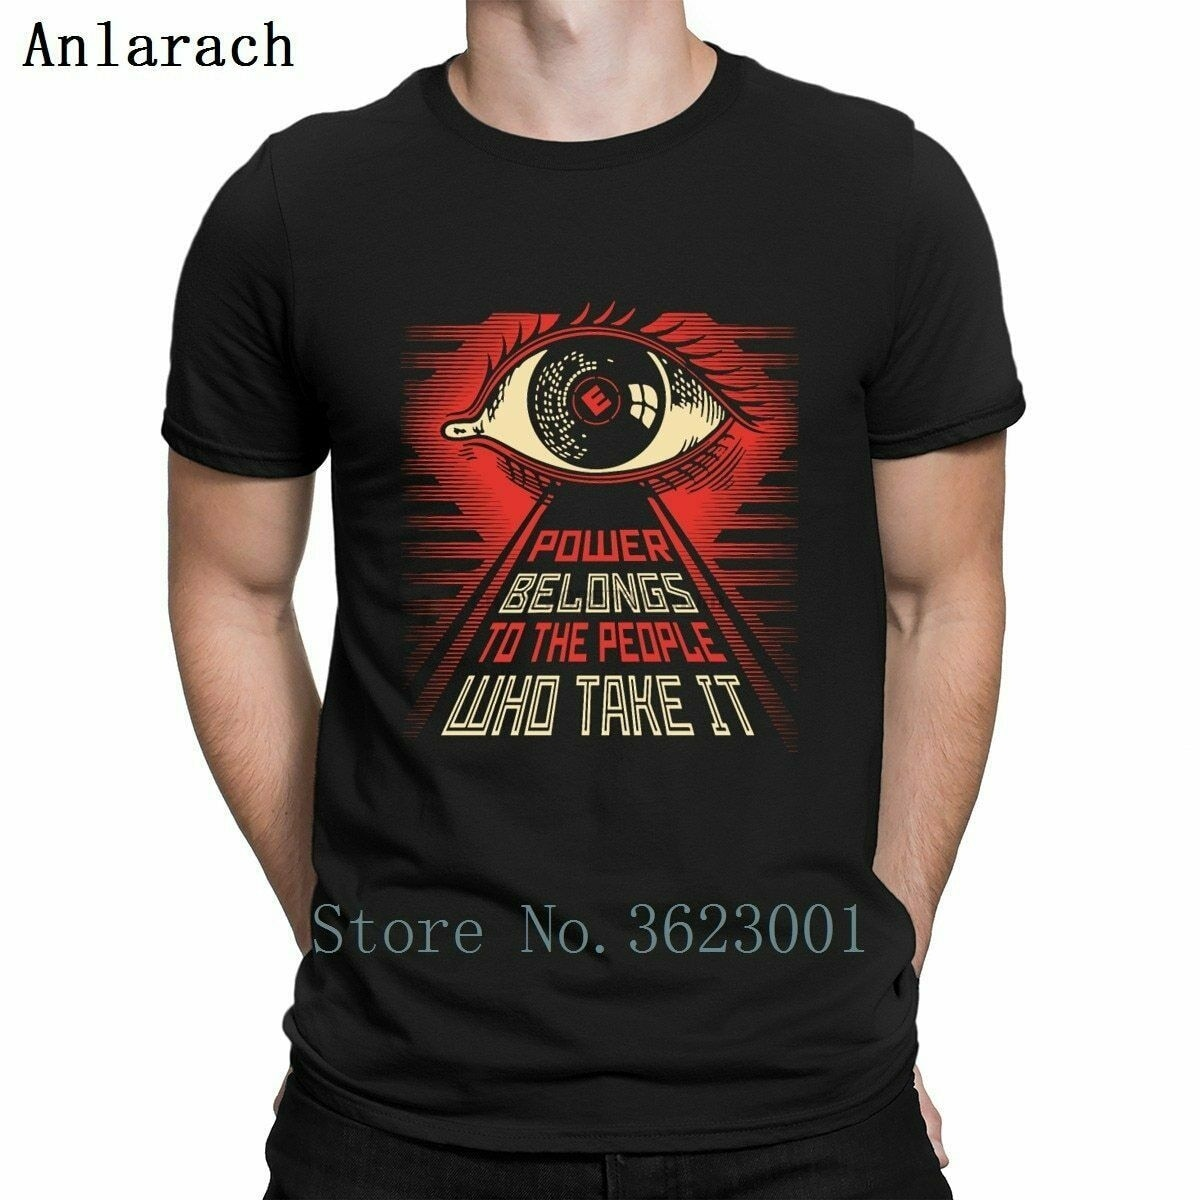 Г-н Робот глаз иллюминатов починились стиль футболка мода печати умный для мужчин T. .. С круглым вырезом, одежда для маленьких девочек и ShirtRound футболка с круглым вырезом